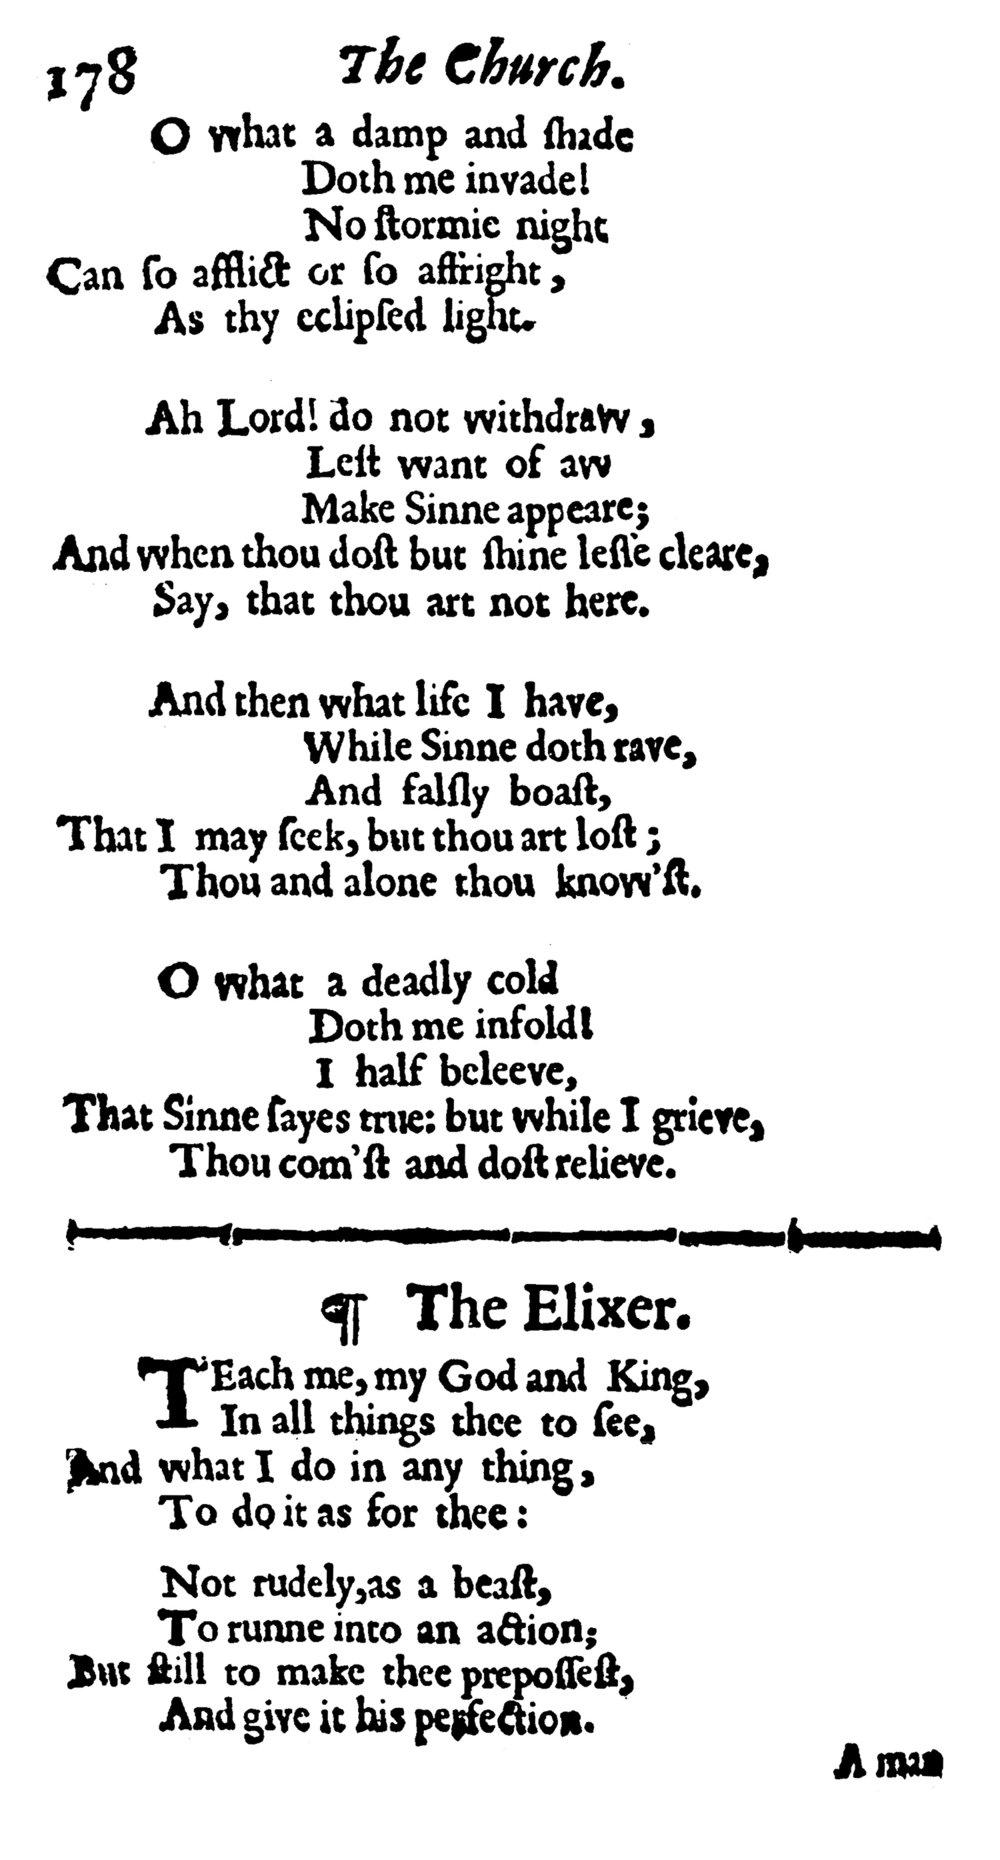 Herbert-TheElixer-1633-96.jpg